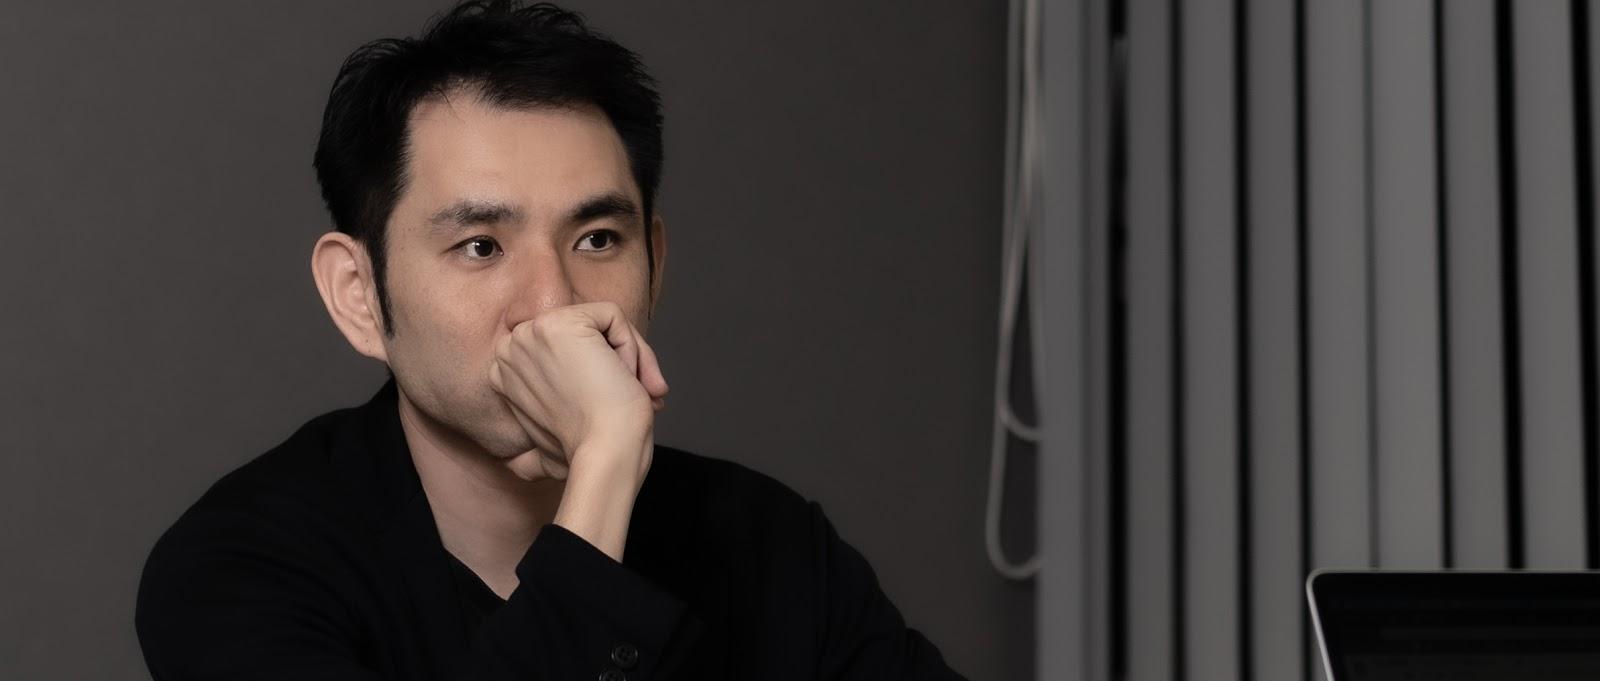 ソウルドアウト株式会社 上席執行役員 メディア事業開発室 室長 長谷川 智史氏